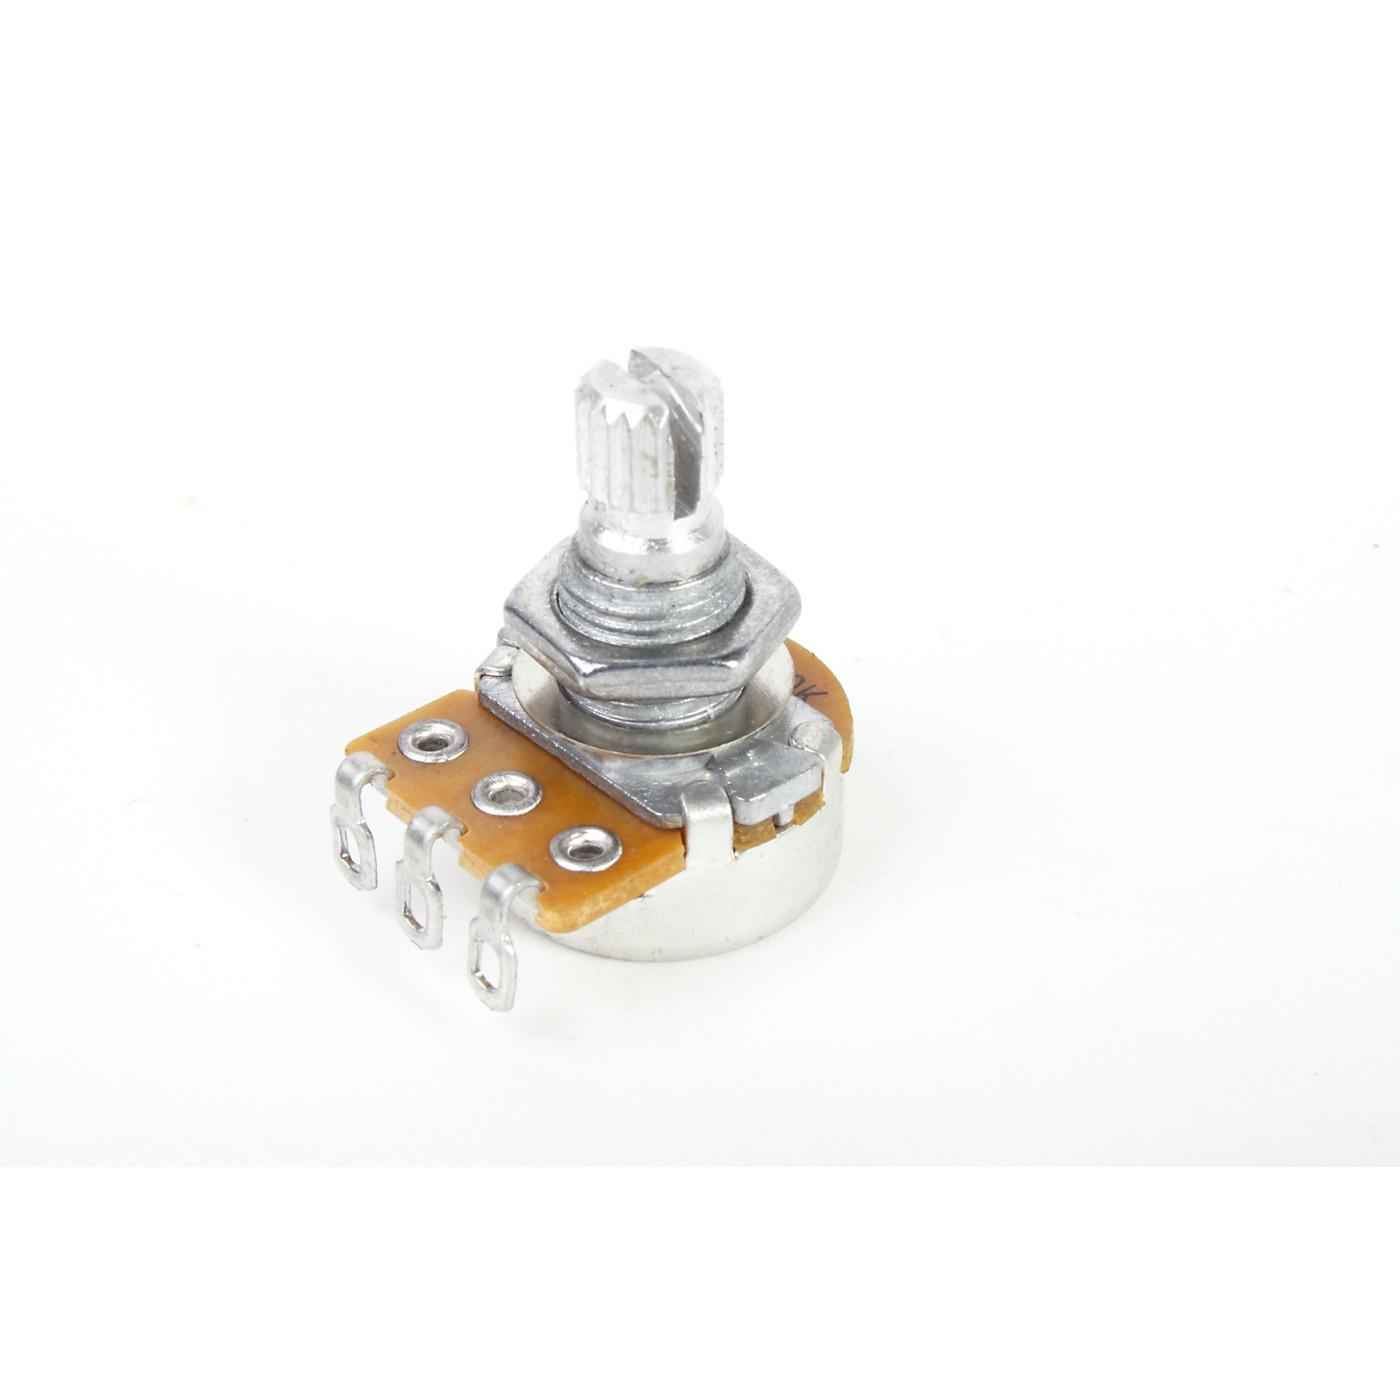 Proline 250K Mini Potentiometer thumbnail